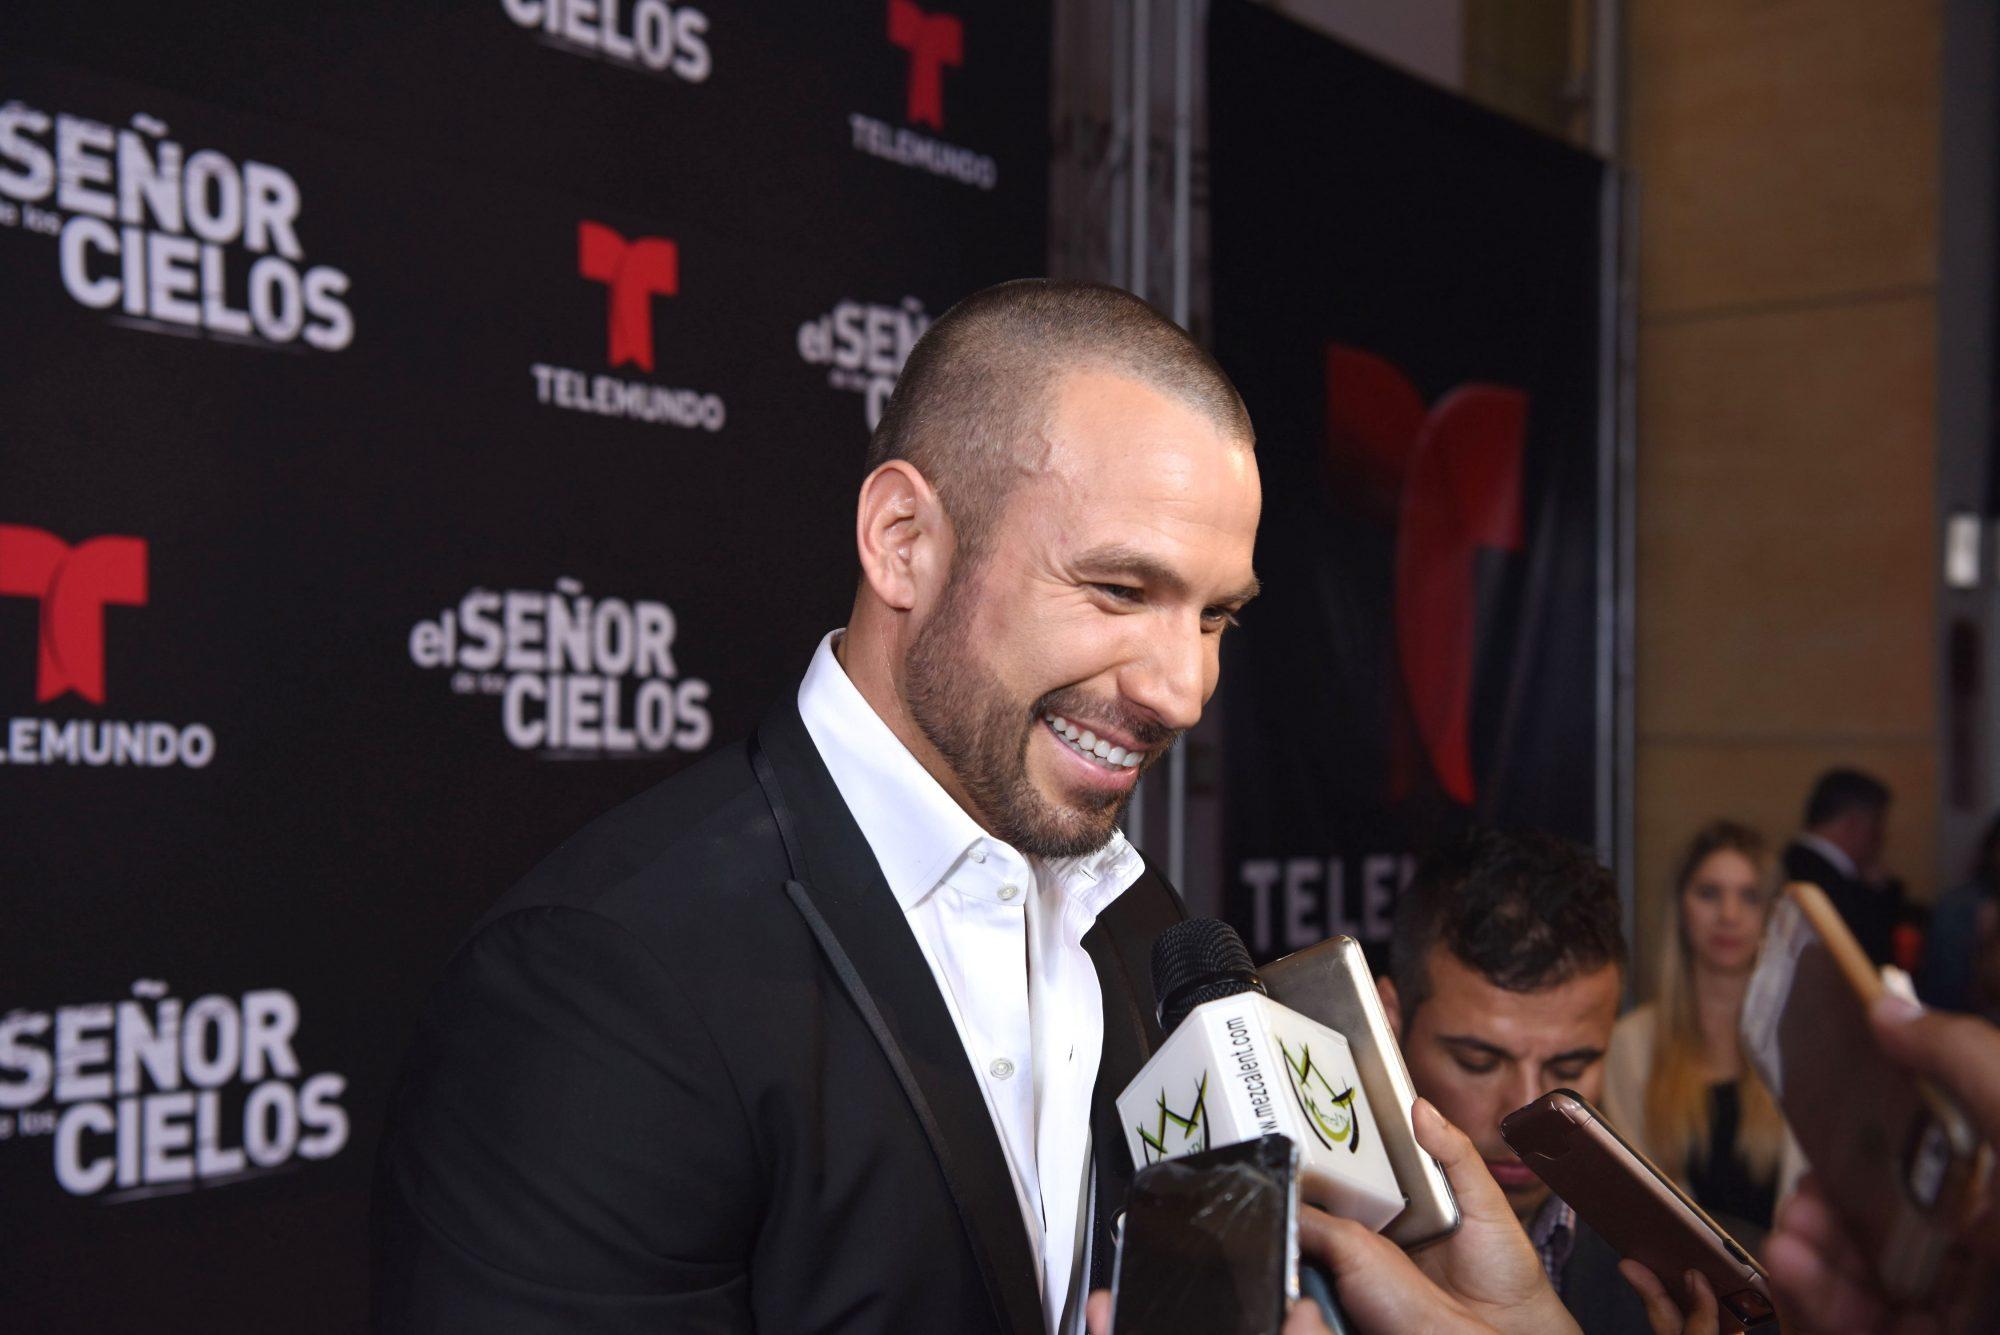 Rafael Amaya